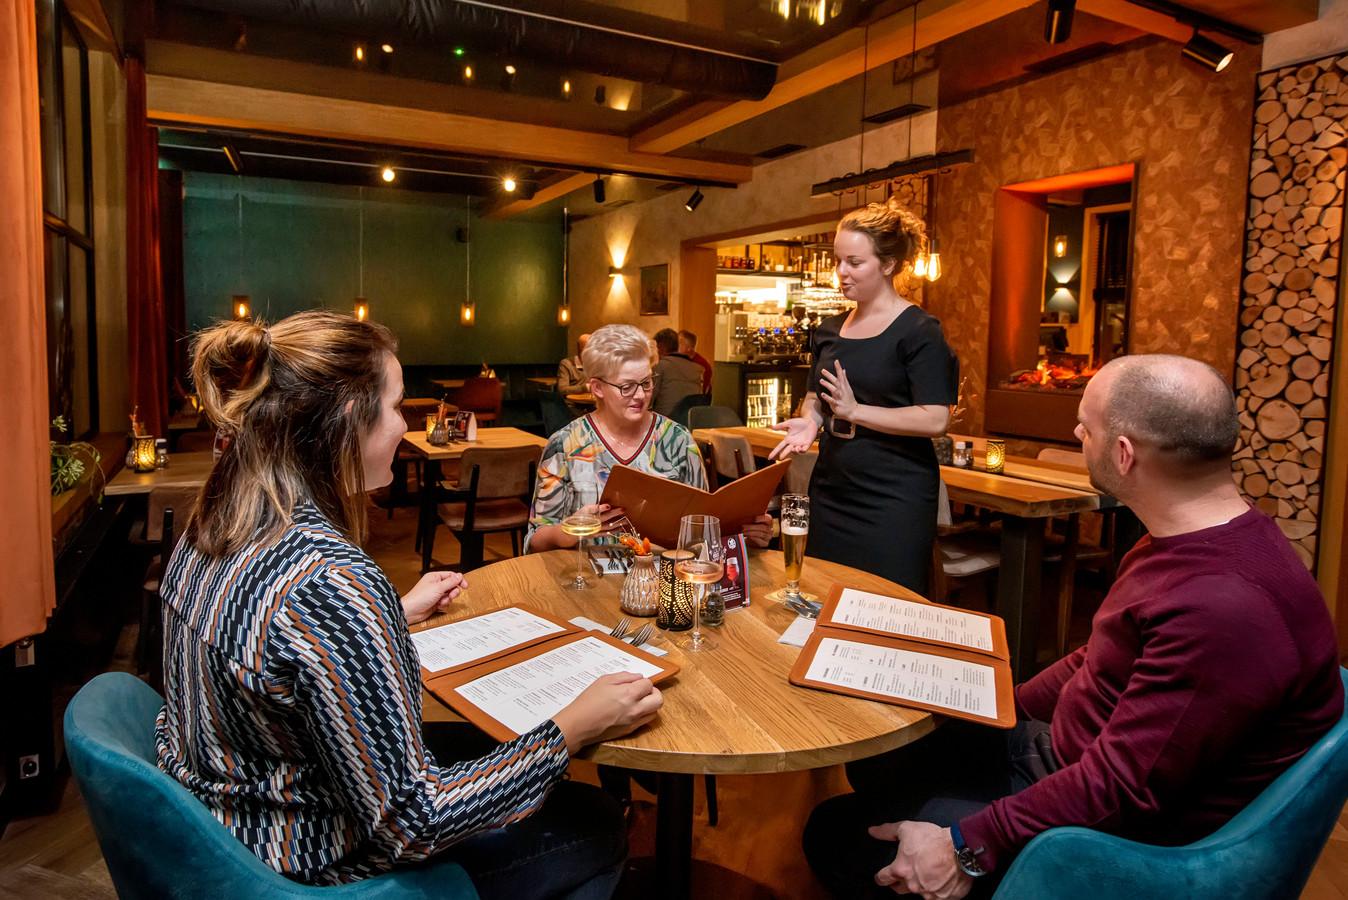 Gastvrouw Laura Pijpers geeft uitleg over de menukaart van De Huyskamer in Gilze.